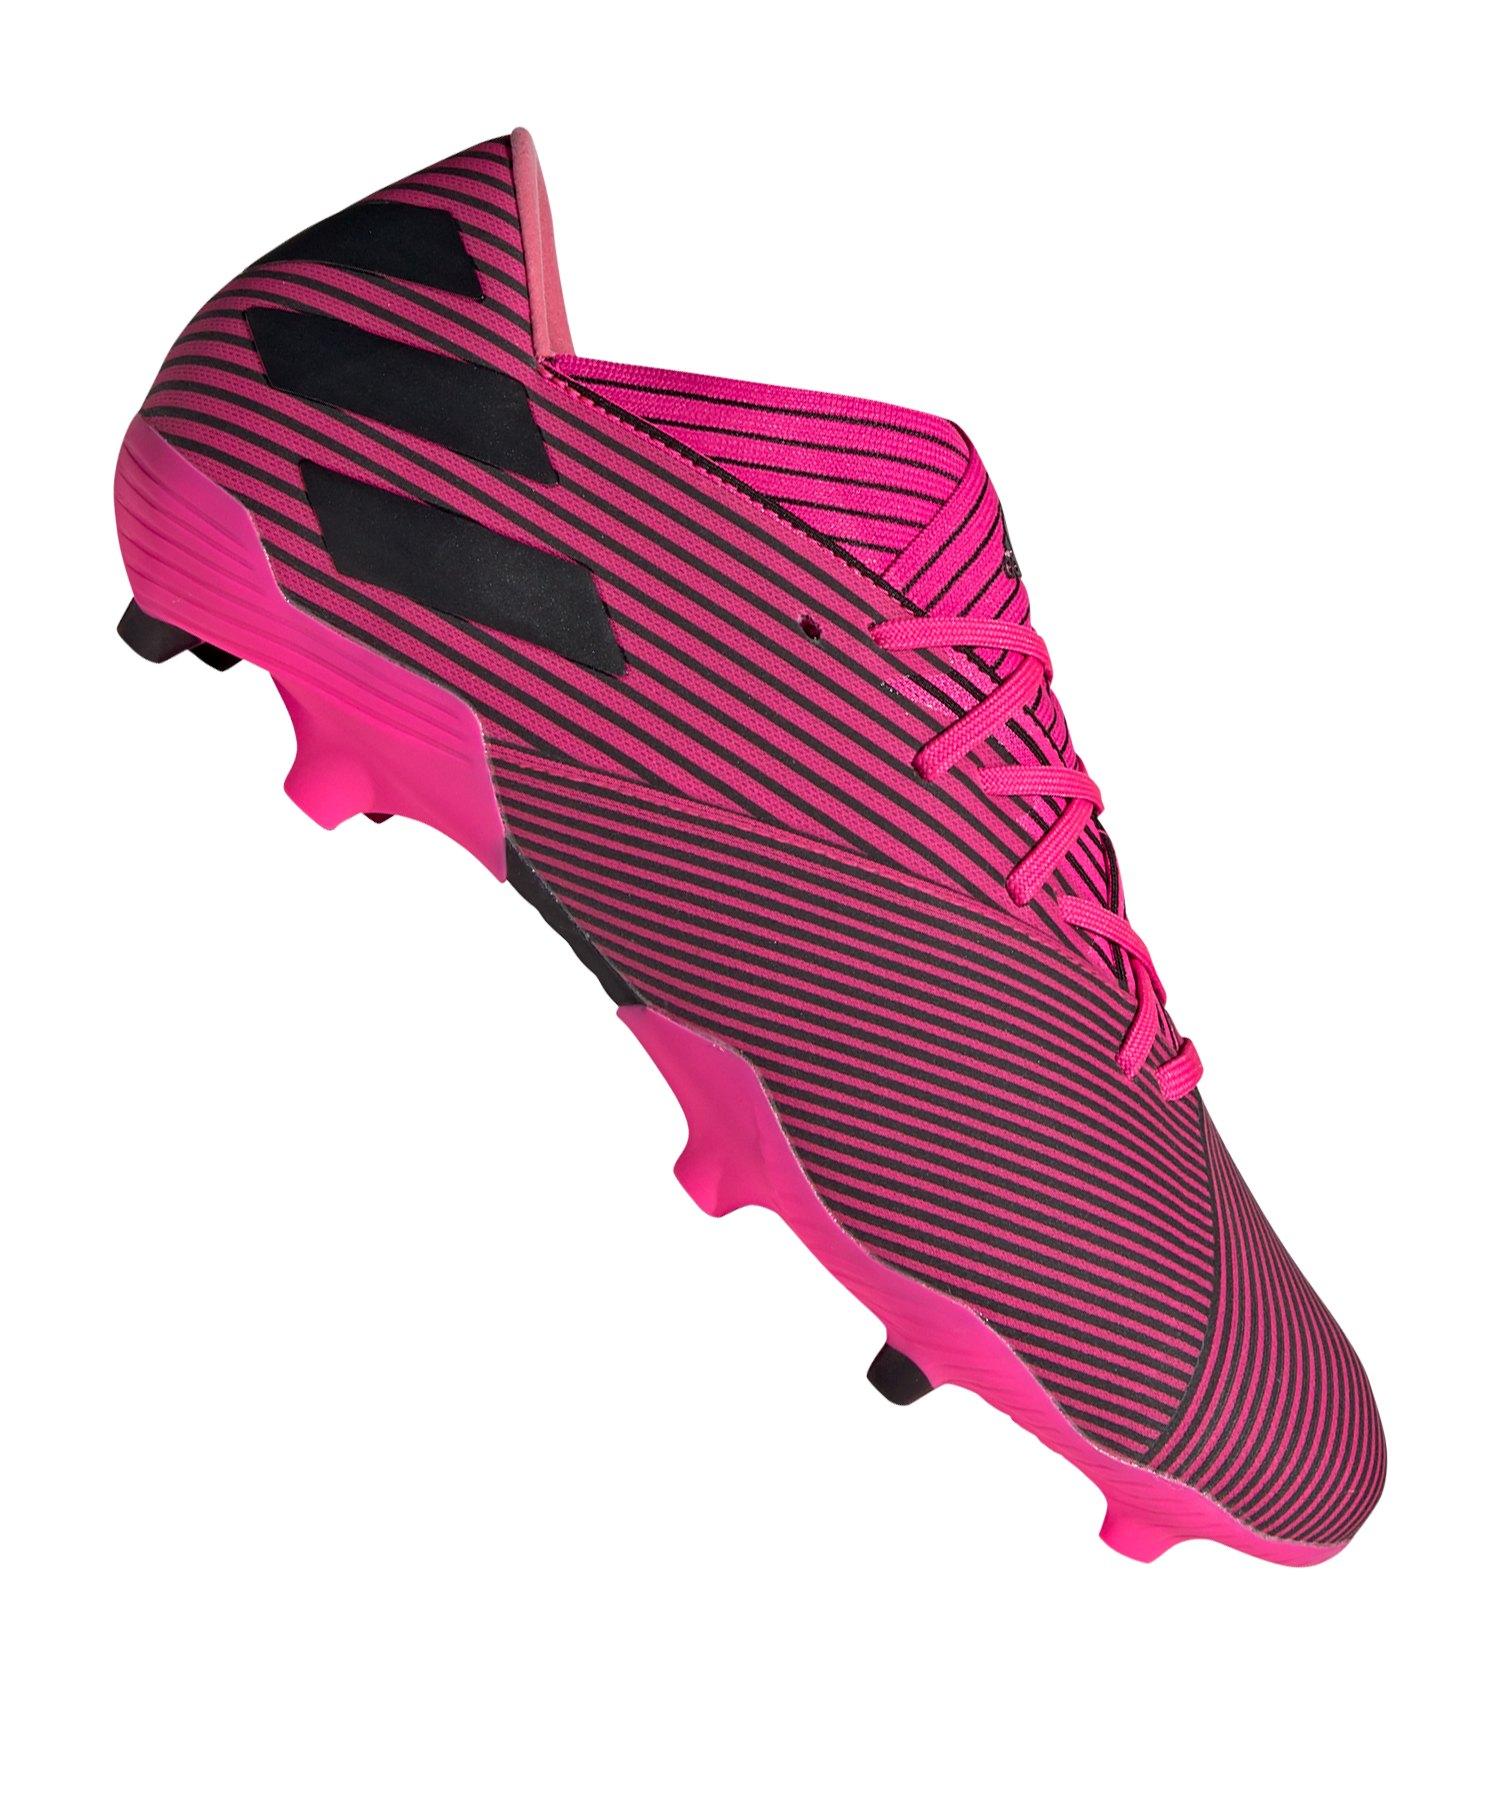 adidas NEMEZIZ 19.2 FG Pink - pink